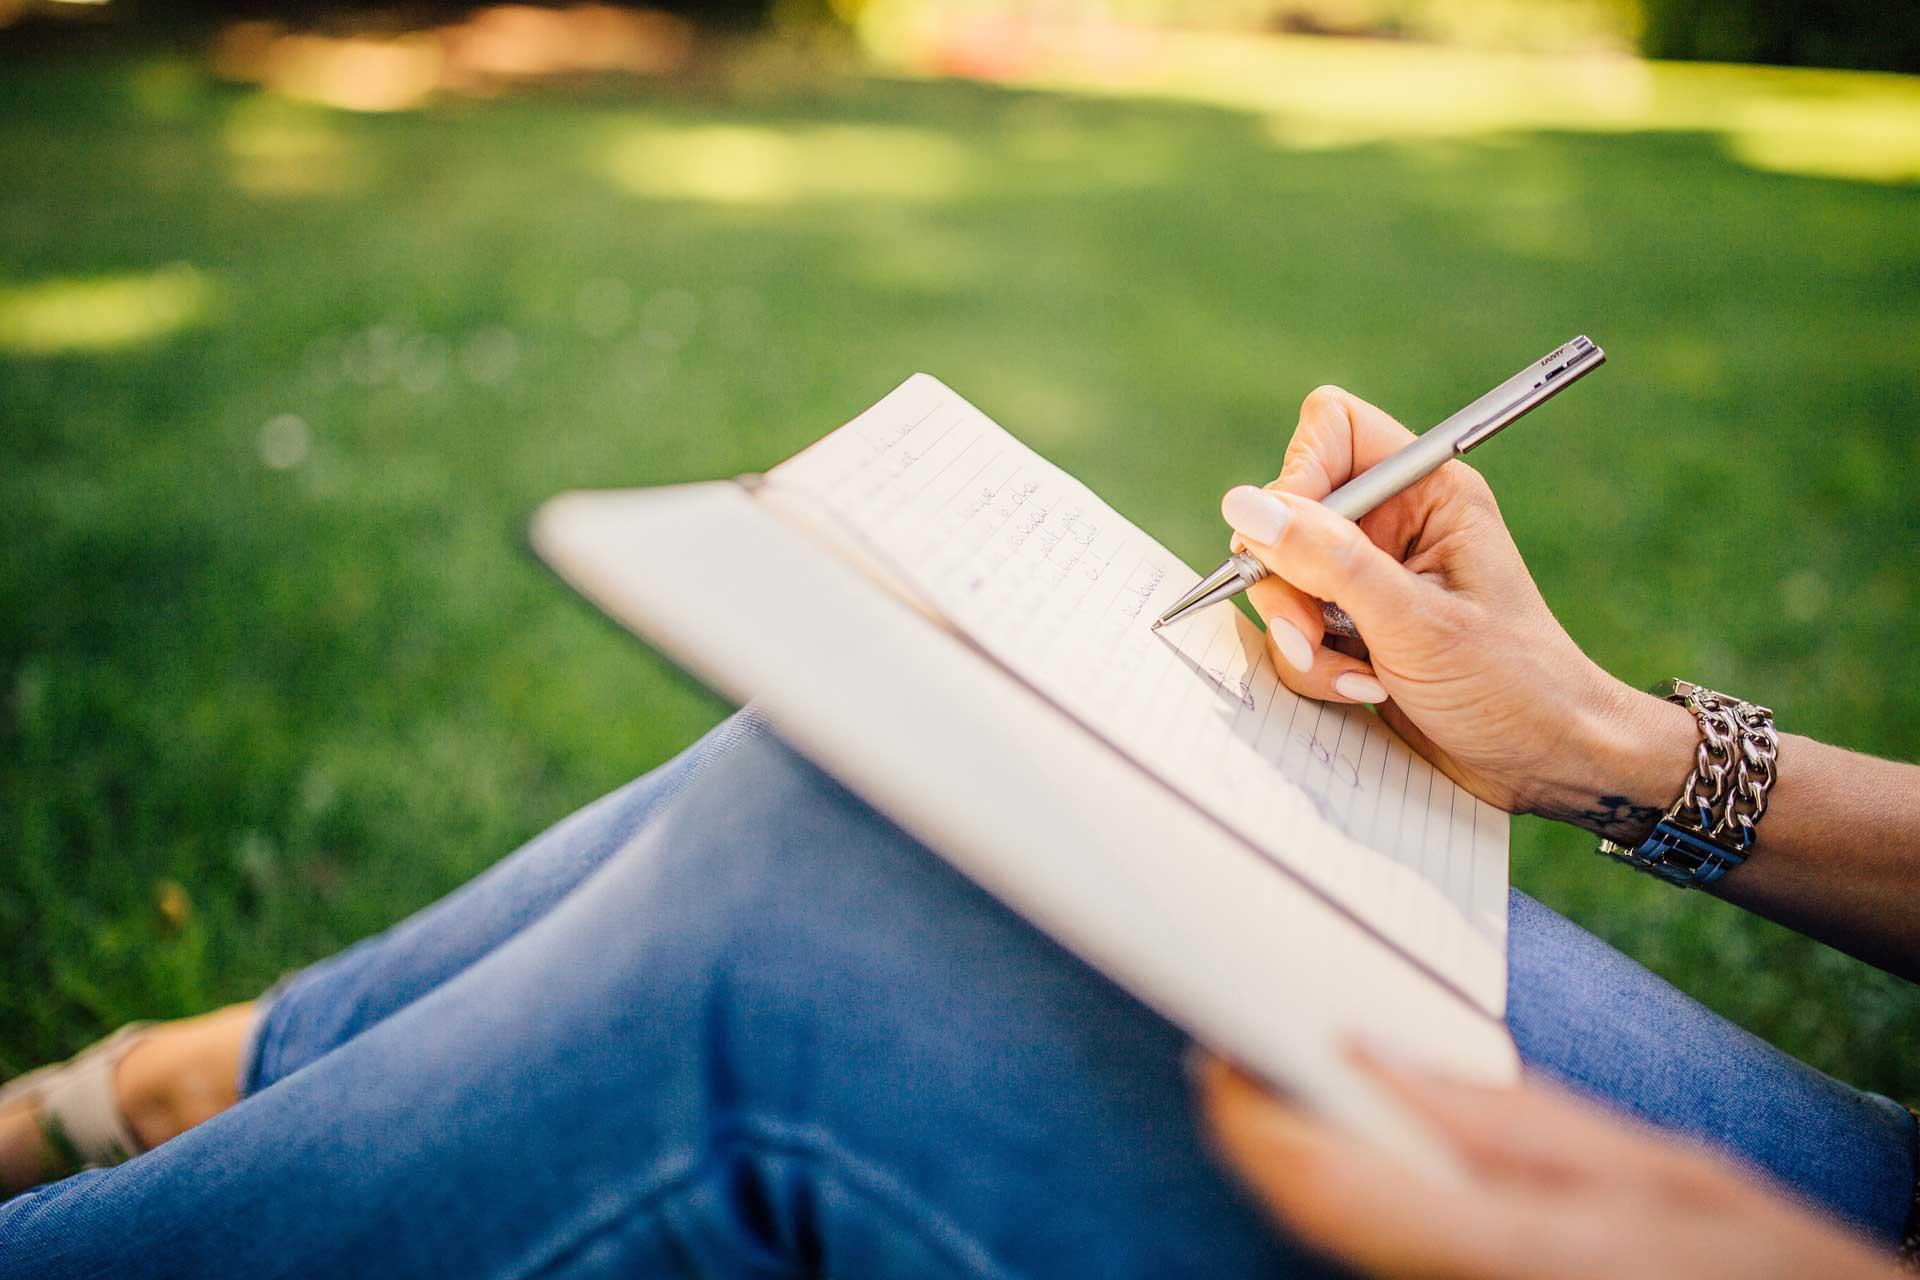 Organisationstipp 1: Merke dir nichts, was du auch aufschreiben kannst